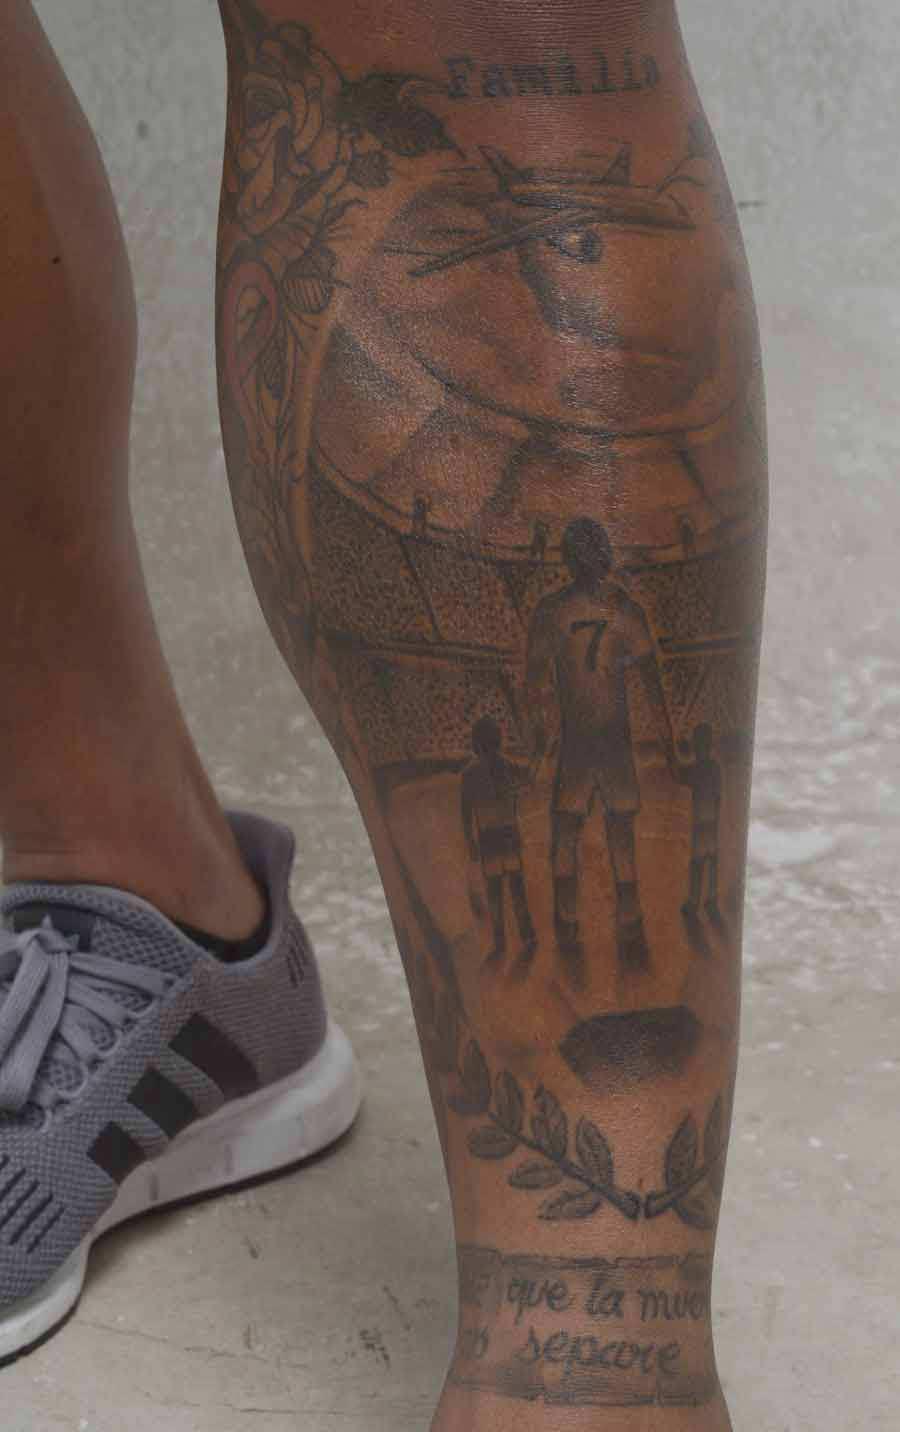 El significado de los tatuajes de algunas personalidades del deporte |  Noticias de El Salvador - elsalvador.com